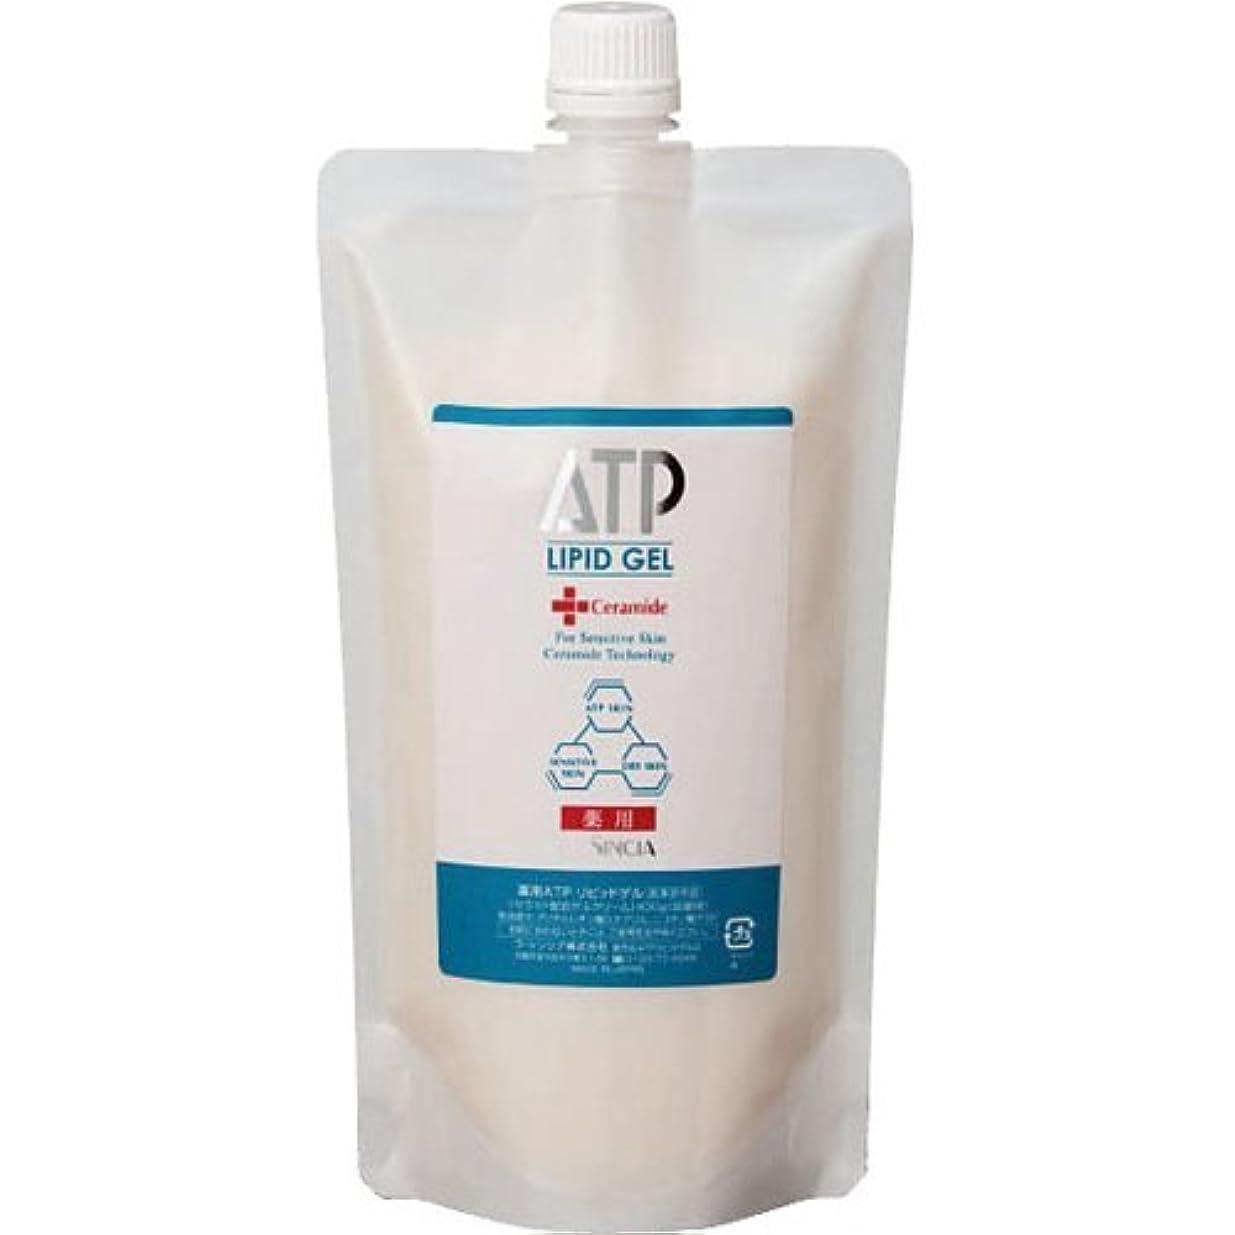 伝導位置づけるさておきラシンシア 薬用ATPリピッドゲル 400g(詰替用) 【セラミド配合ゲルクリーム】